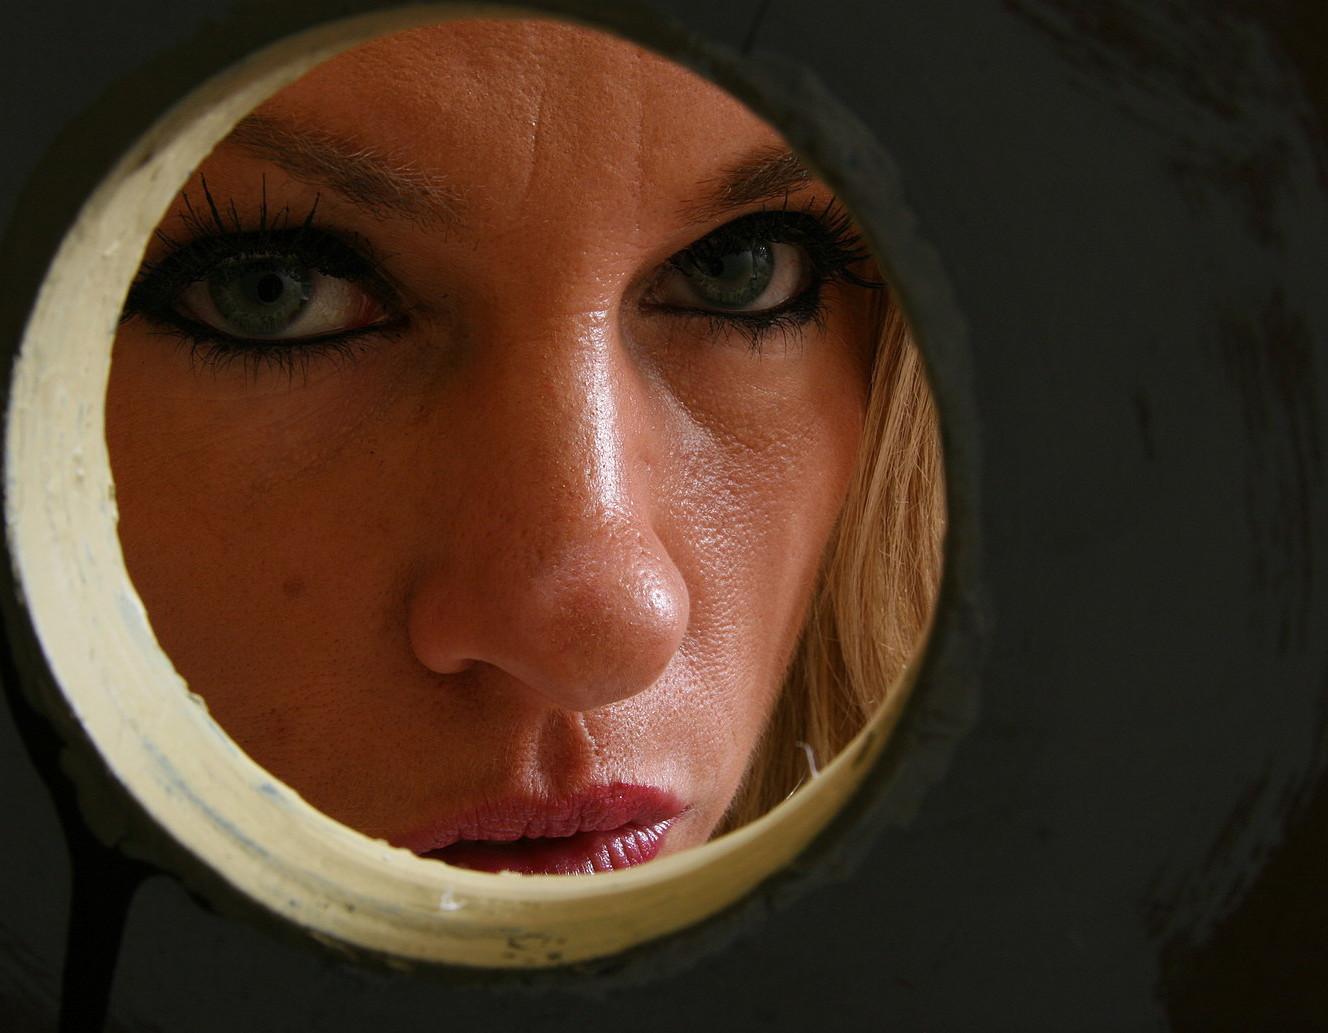 Парень сует член в ротик длинноногой блондинистой девчушке через дырочку в стене